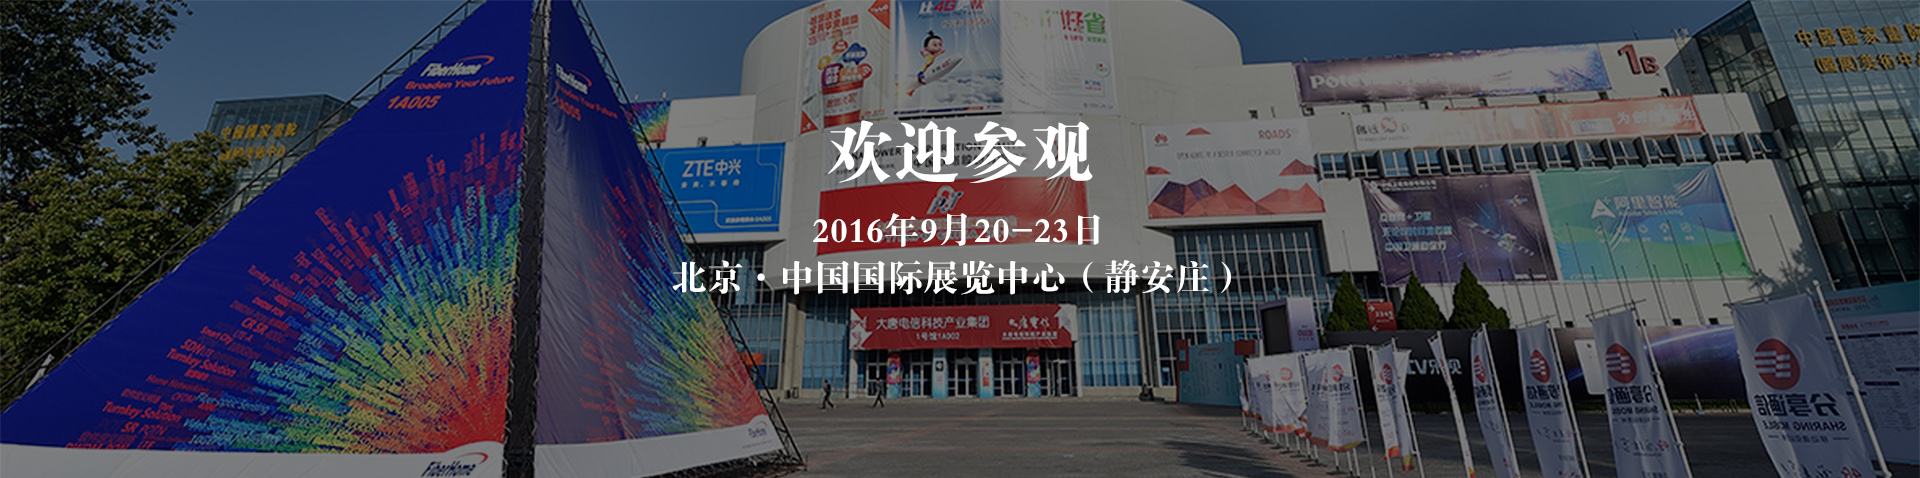 中国国际信息通信展_logo